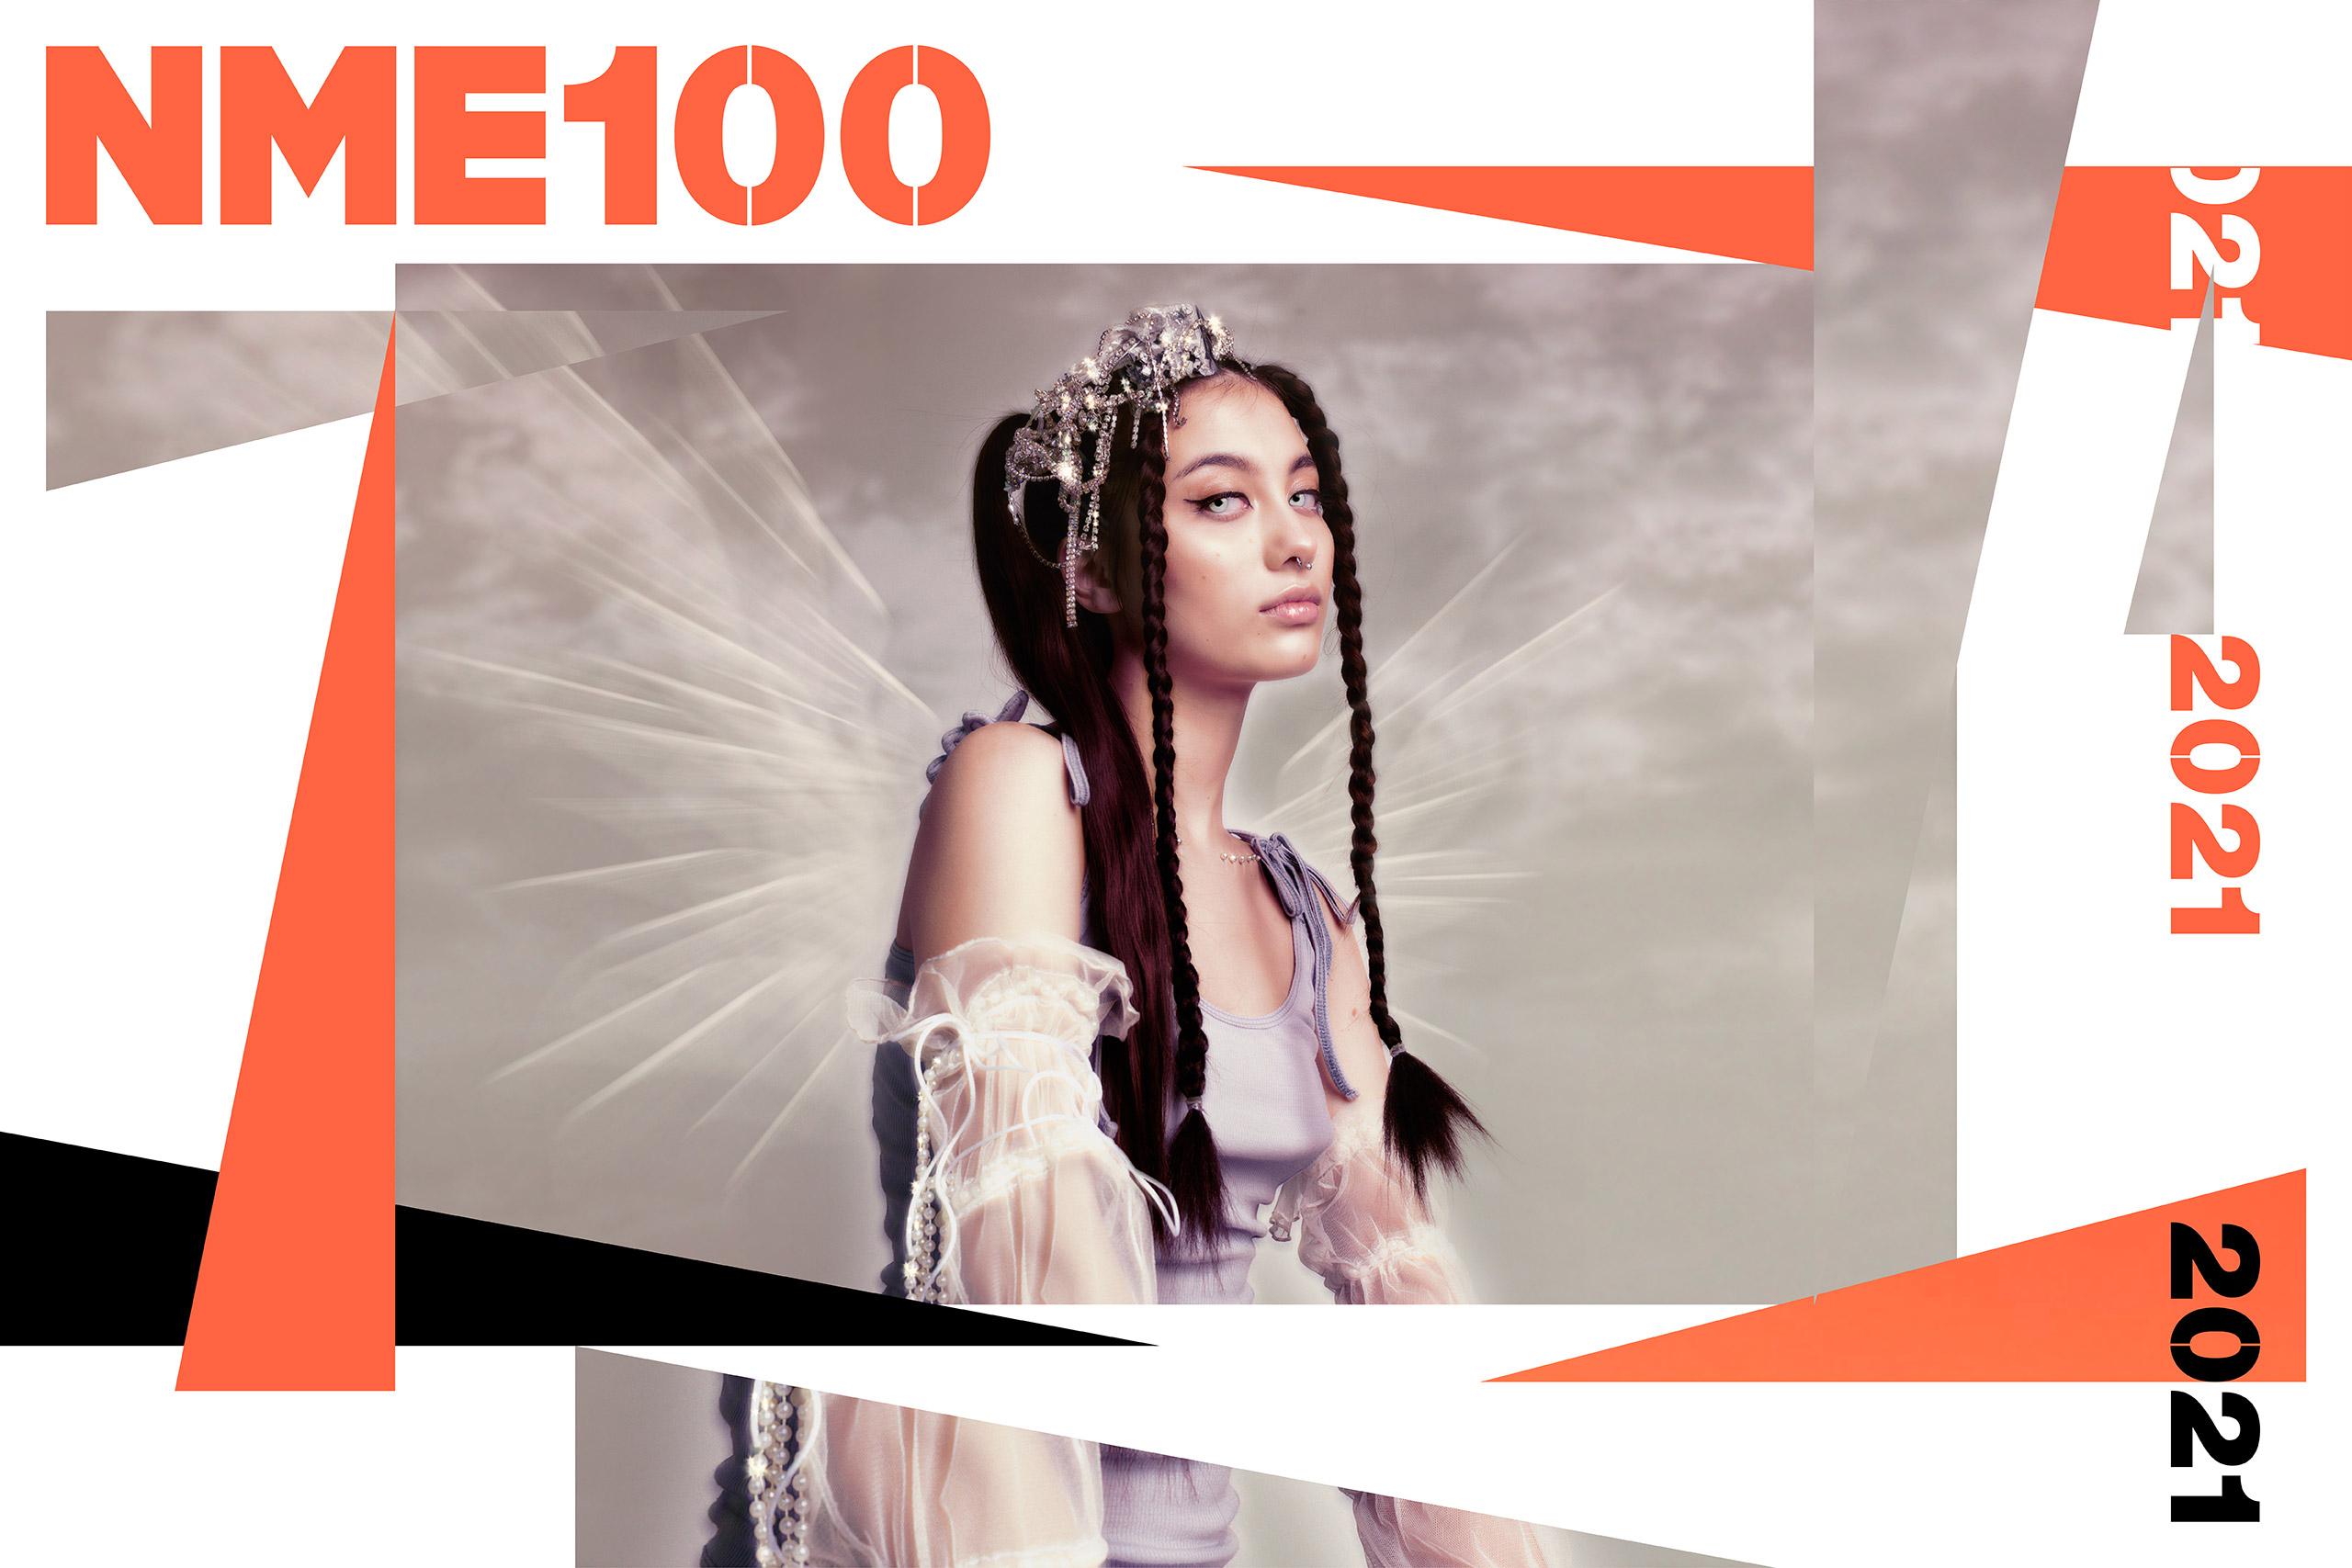 NME 100 daine